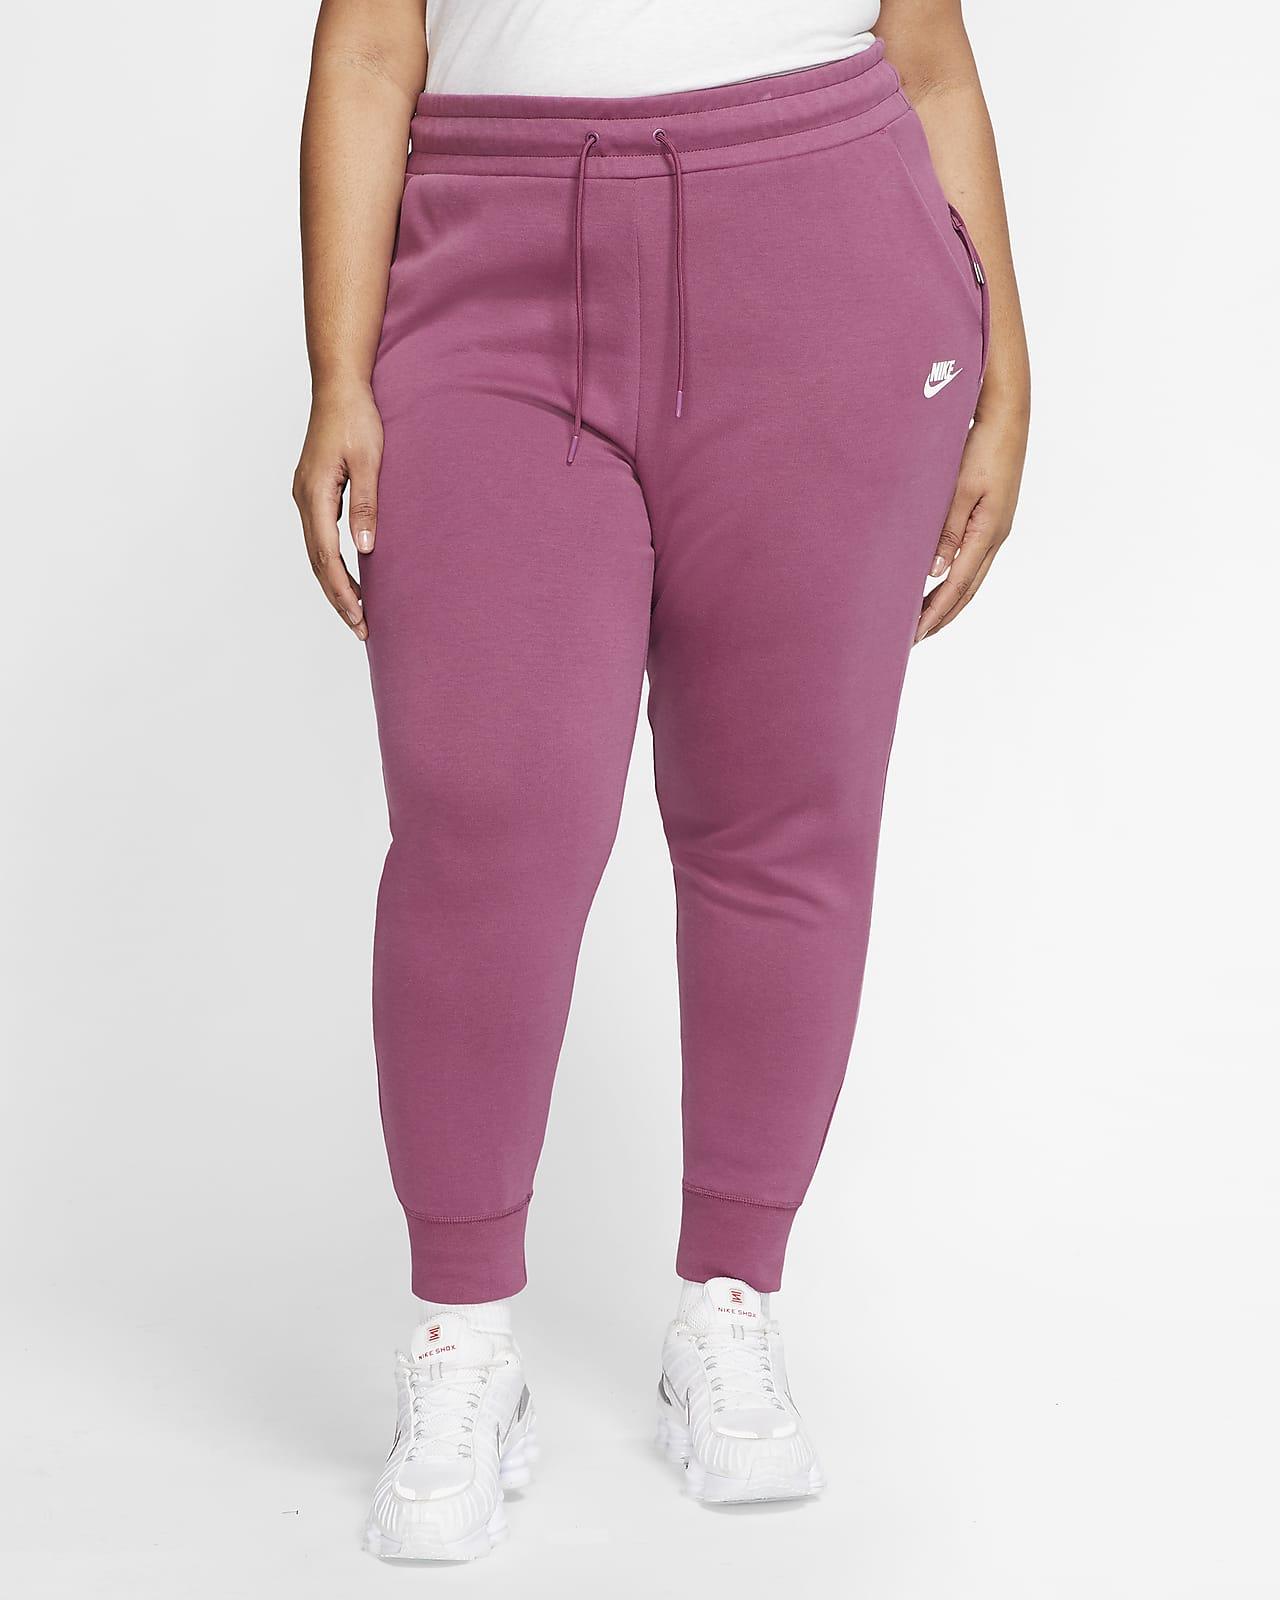 Pantaloni Nike Sportswear Tech Fleece (Plus Size) - Donna